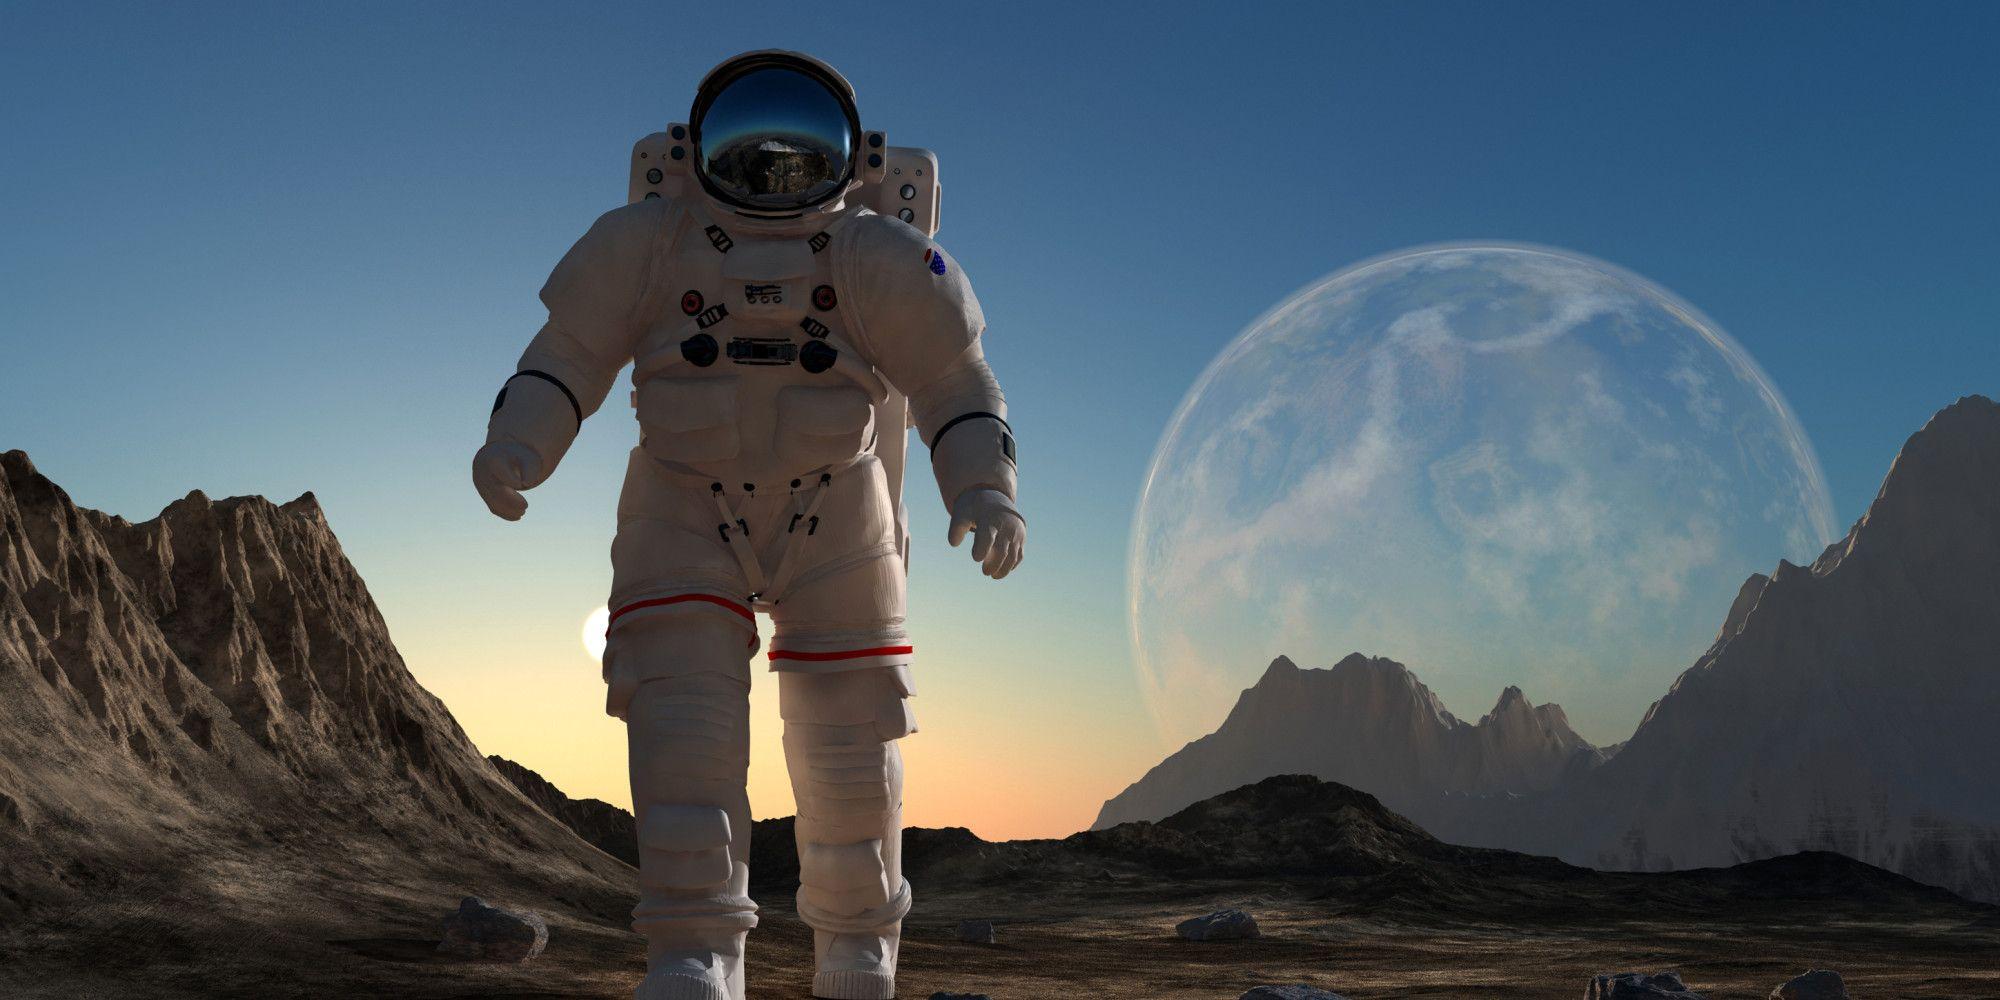 Uma empresa russa anunciou na última semana que está pronta para construir uma base na Lua. Assim que a agência espacial do país der permissão, a companhia Lin Industrial afirmou ser capaz de montar uma base em d...